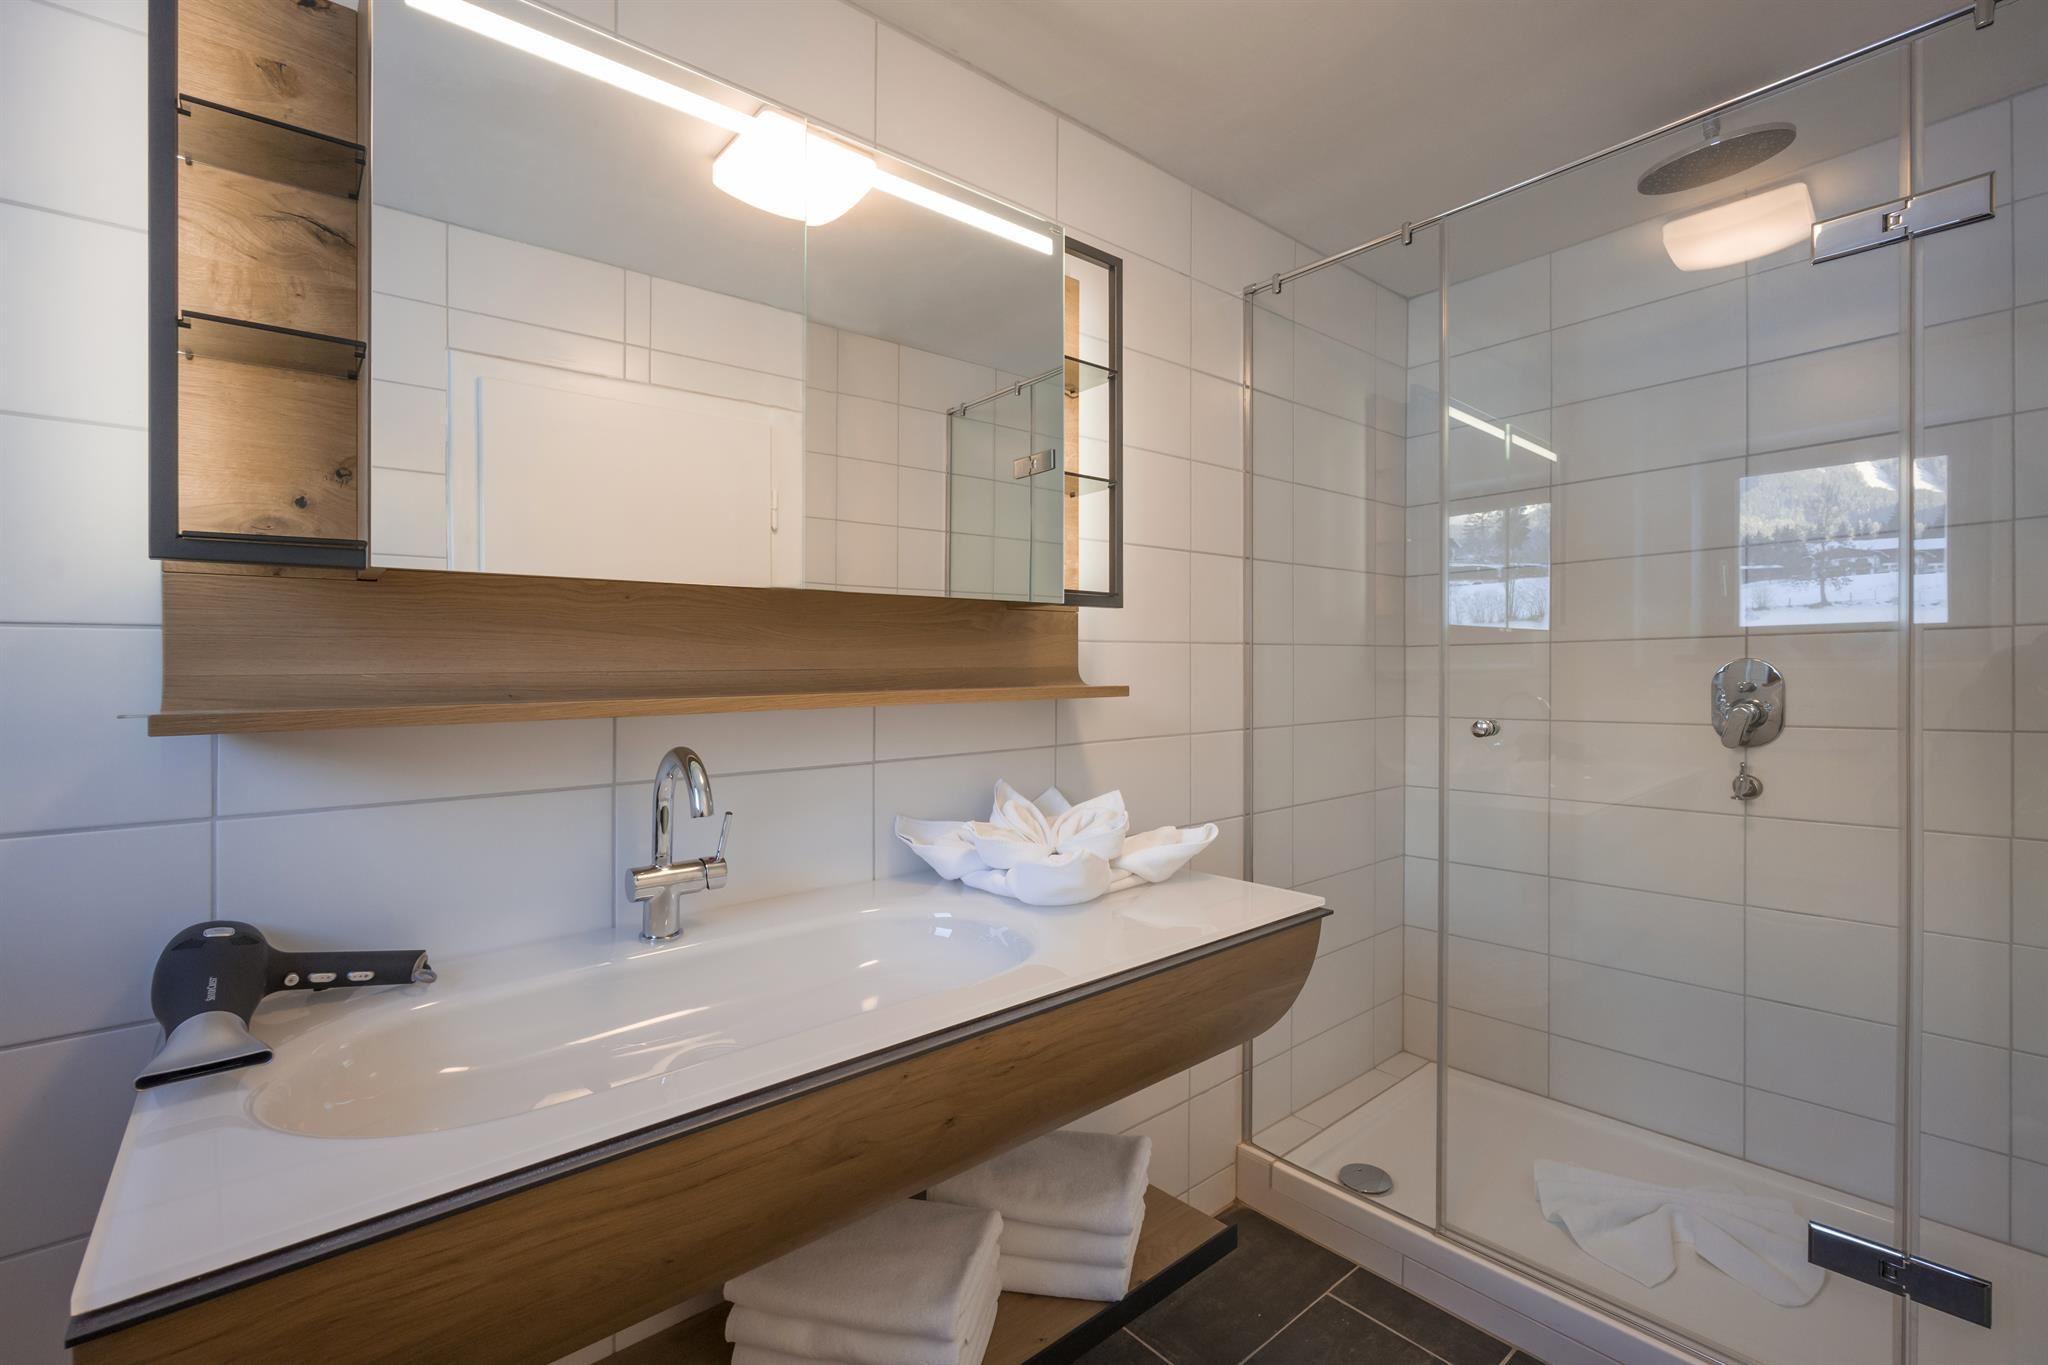 Ferienhaus, 5 Schlafzimmer und 2 Badezimmer